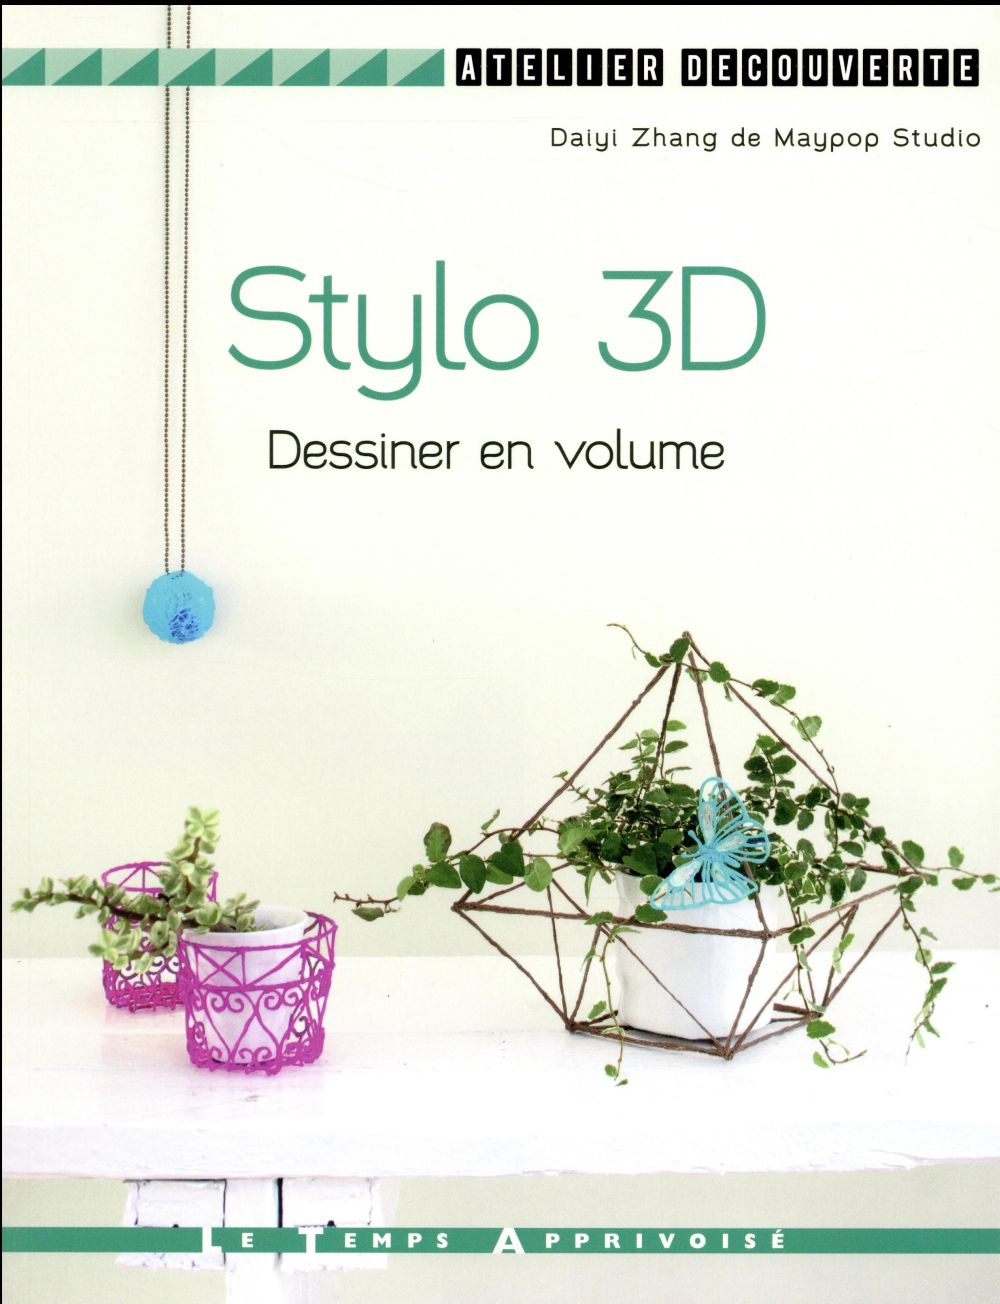 STYLO 3D DESSINER EN VOLUME